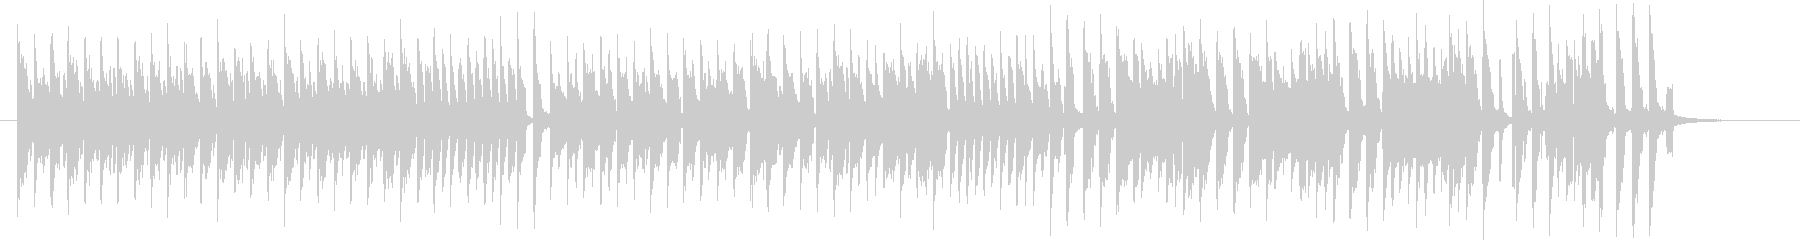 ブラームスハンガリー舞曲第5番 8bitの未再生の波形